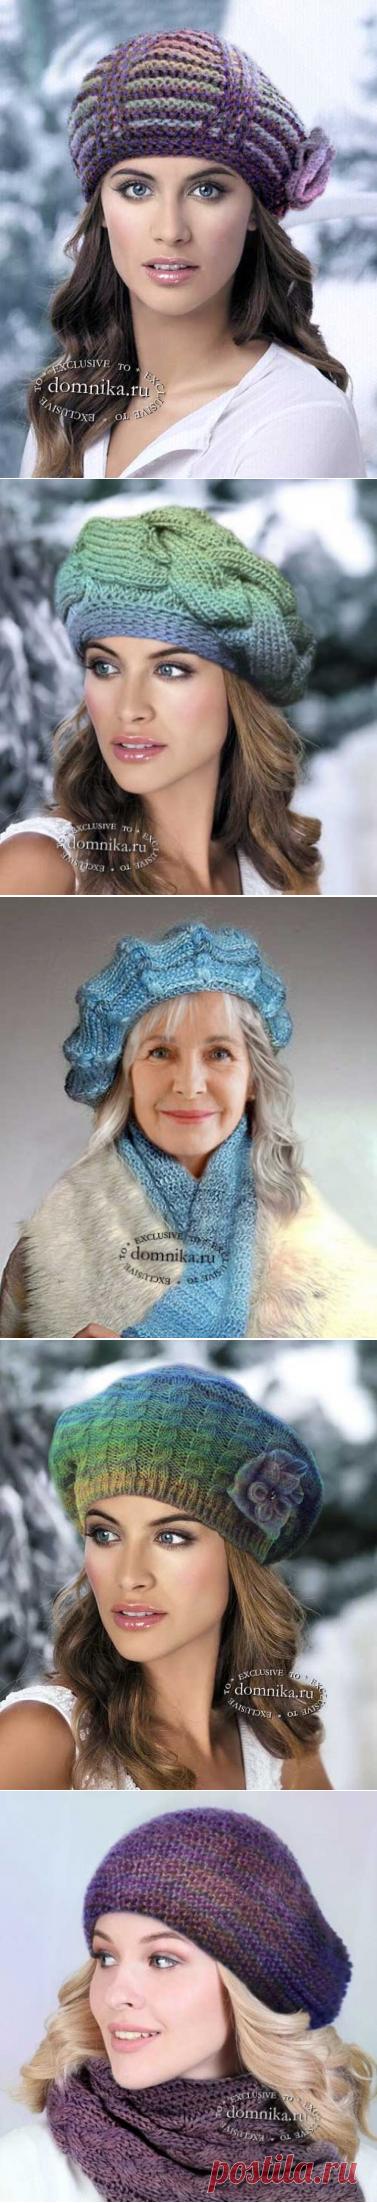 Зимние береты и шапки для дам разного возраста - 6 моделей вязаных шапок